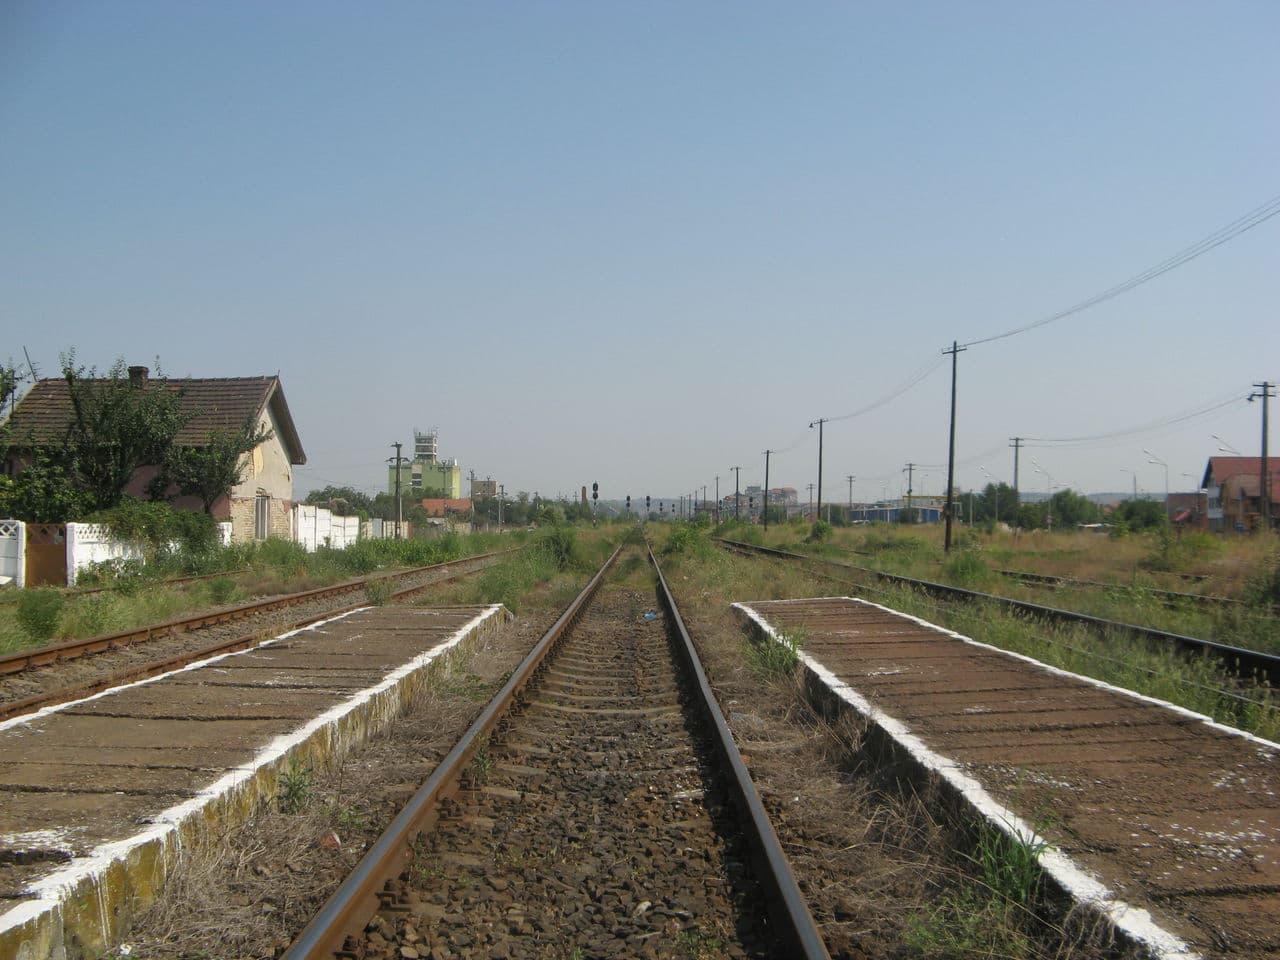 Calea ferată directă Oradea Vest - Episcopia Bihor IMG_0003